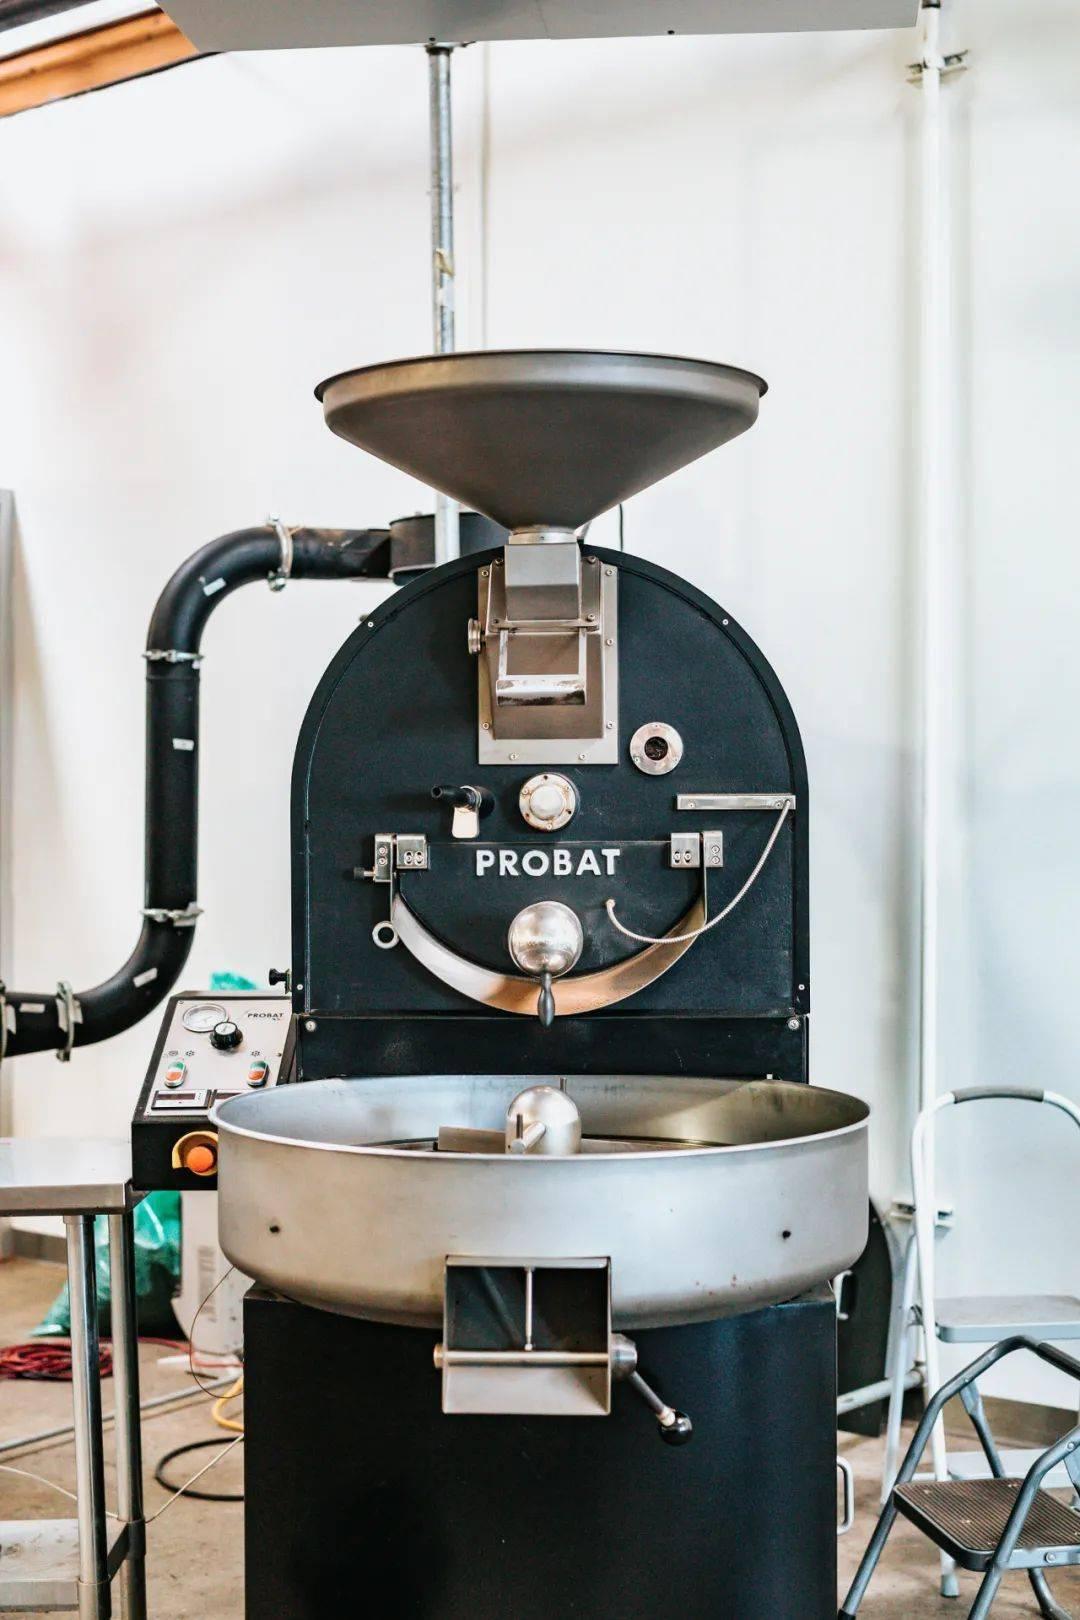 来了解一下烘焙对咖啡风味的影响 防坑必看 第2张